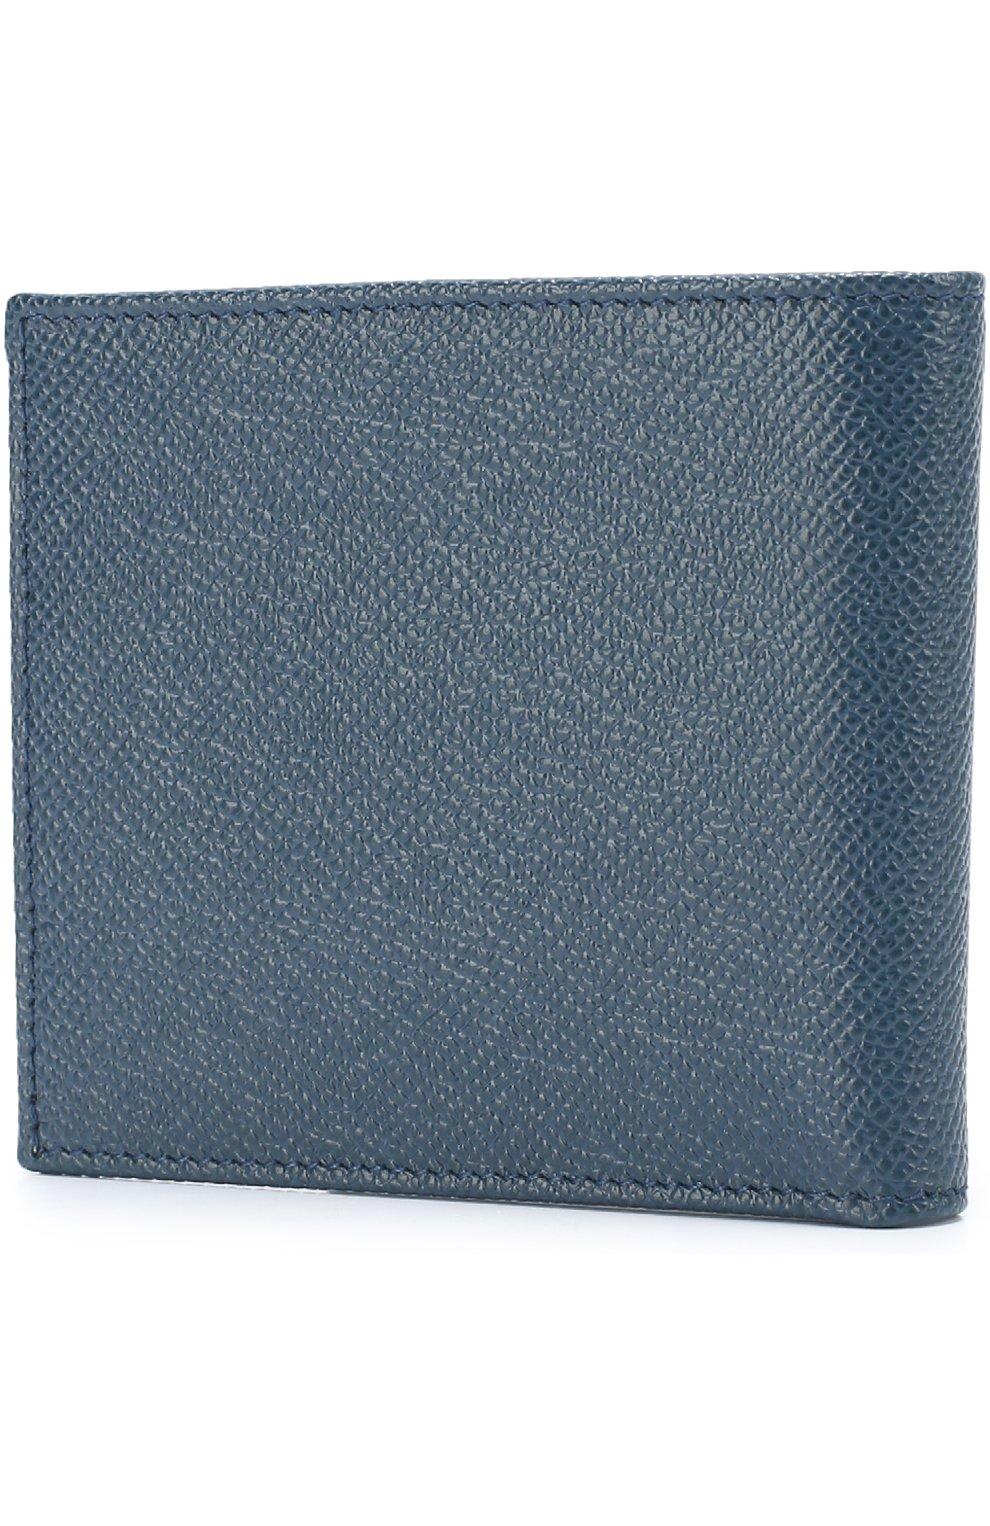 Кожаное портмоне с отделениями для кредитных карт и монет | Фото №2